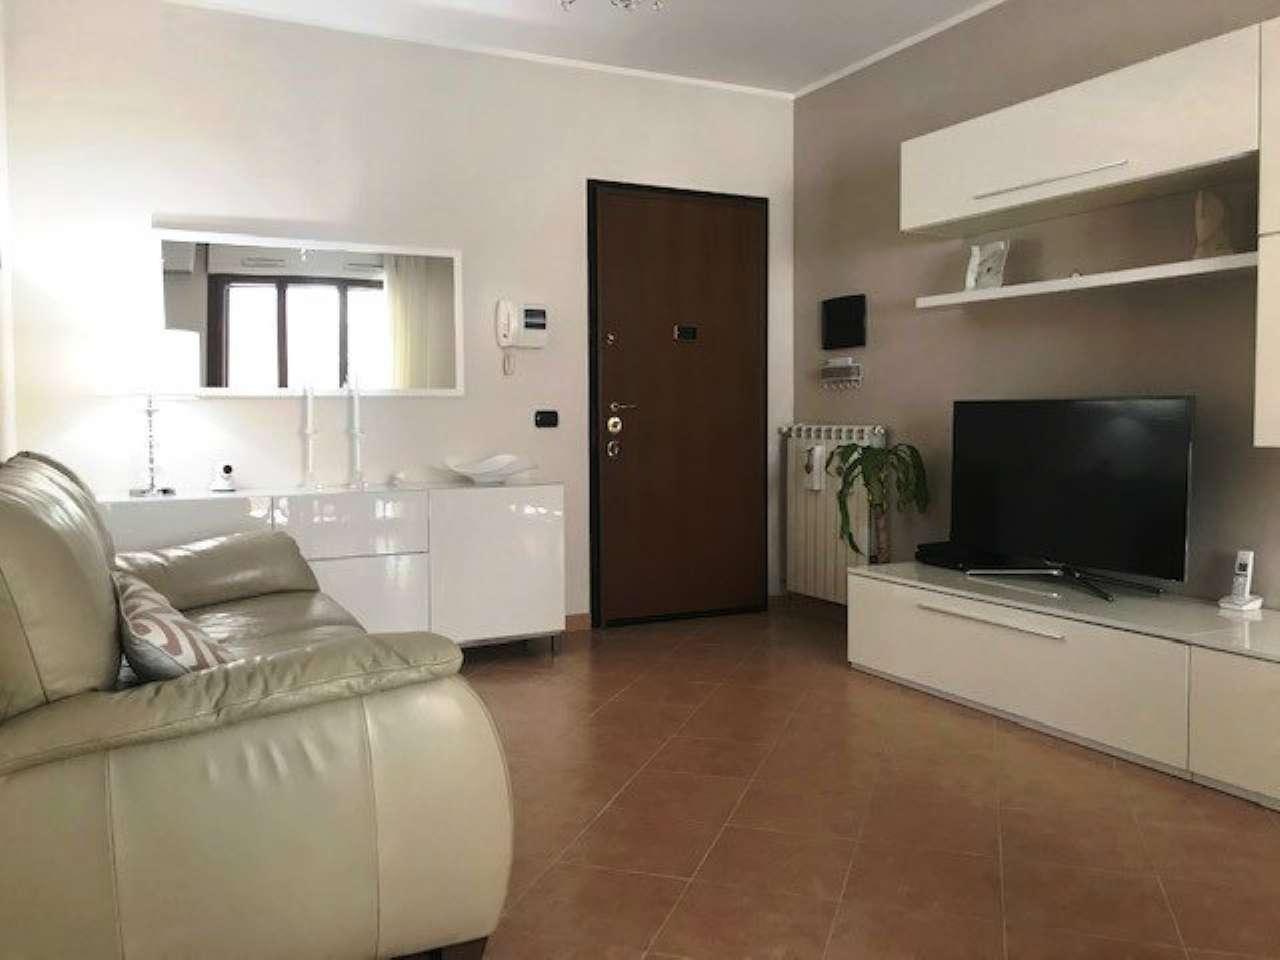 Appartamento in vendita a Roma, 3 locali, zona Zona: 39 . Lido di Ostia, Ostia, Castel Fusano, Torre Paterno, prezzo € 228.000 | CambioCasa.it